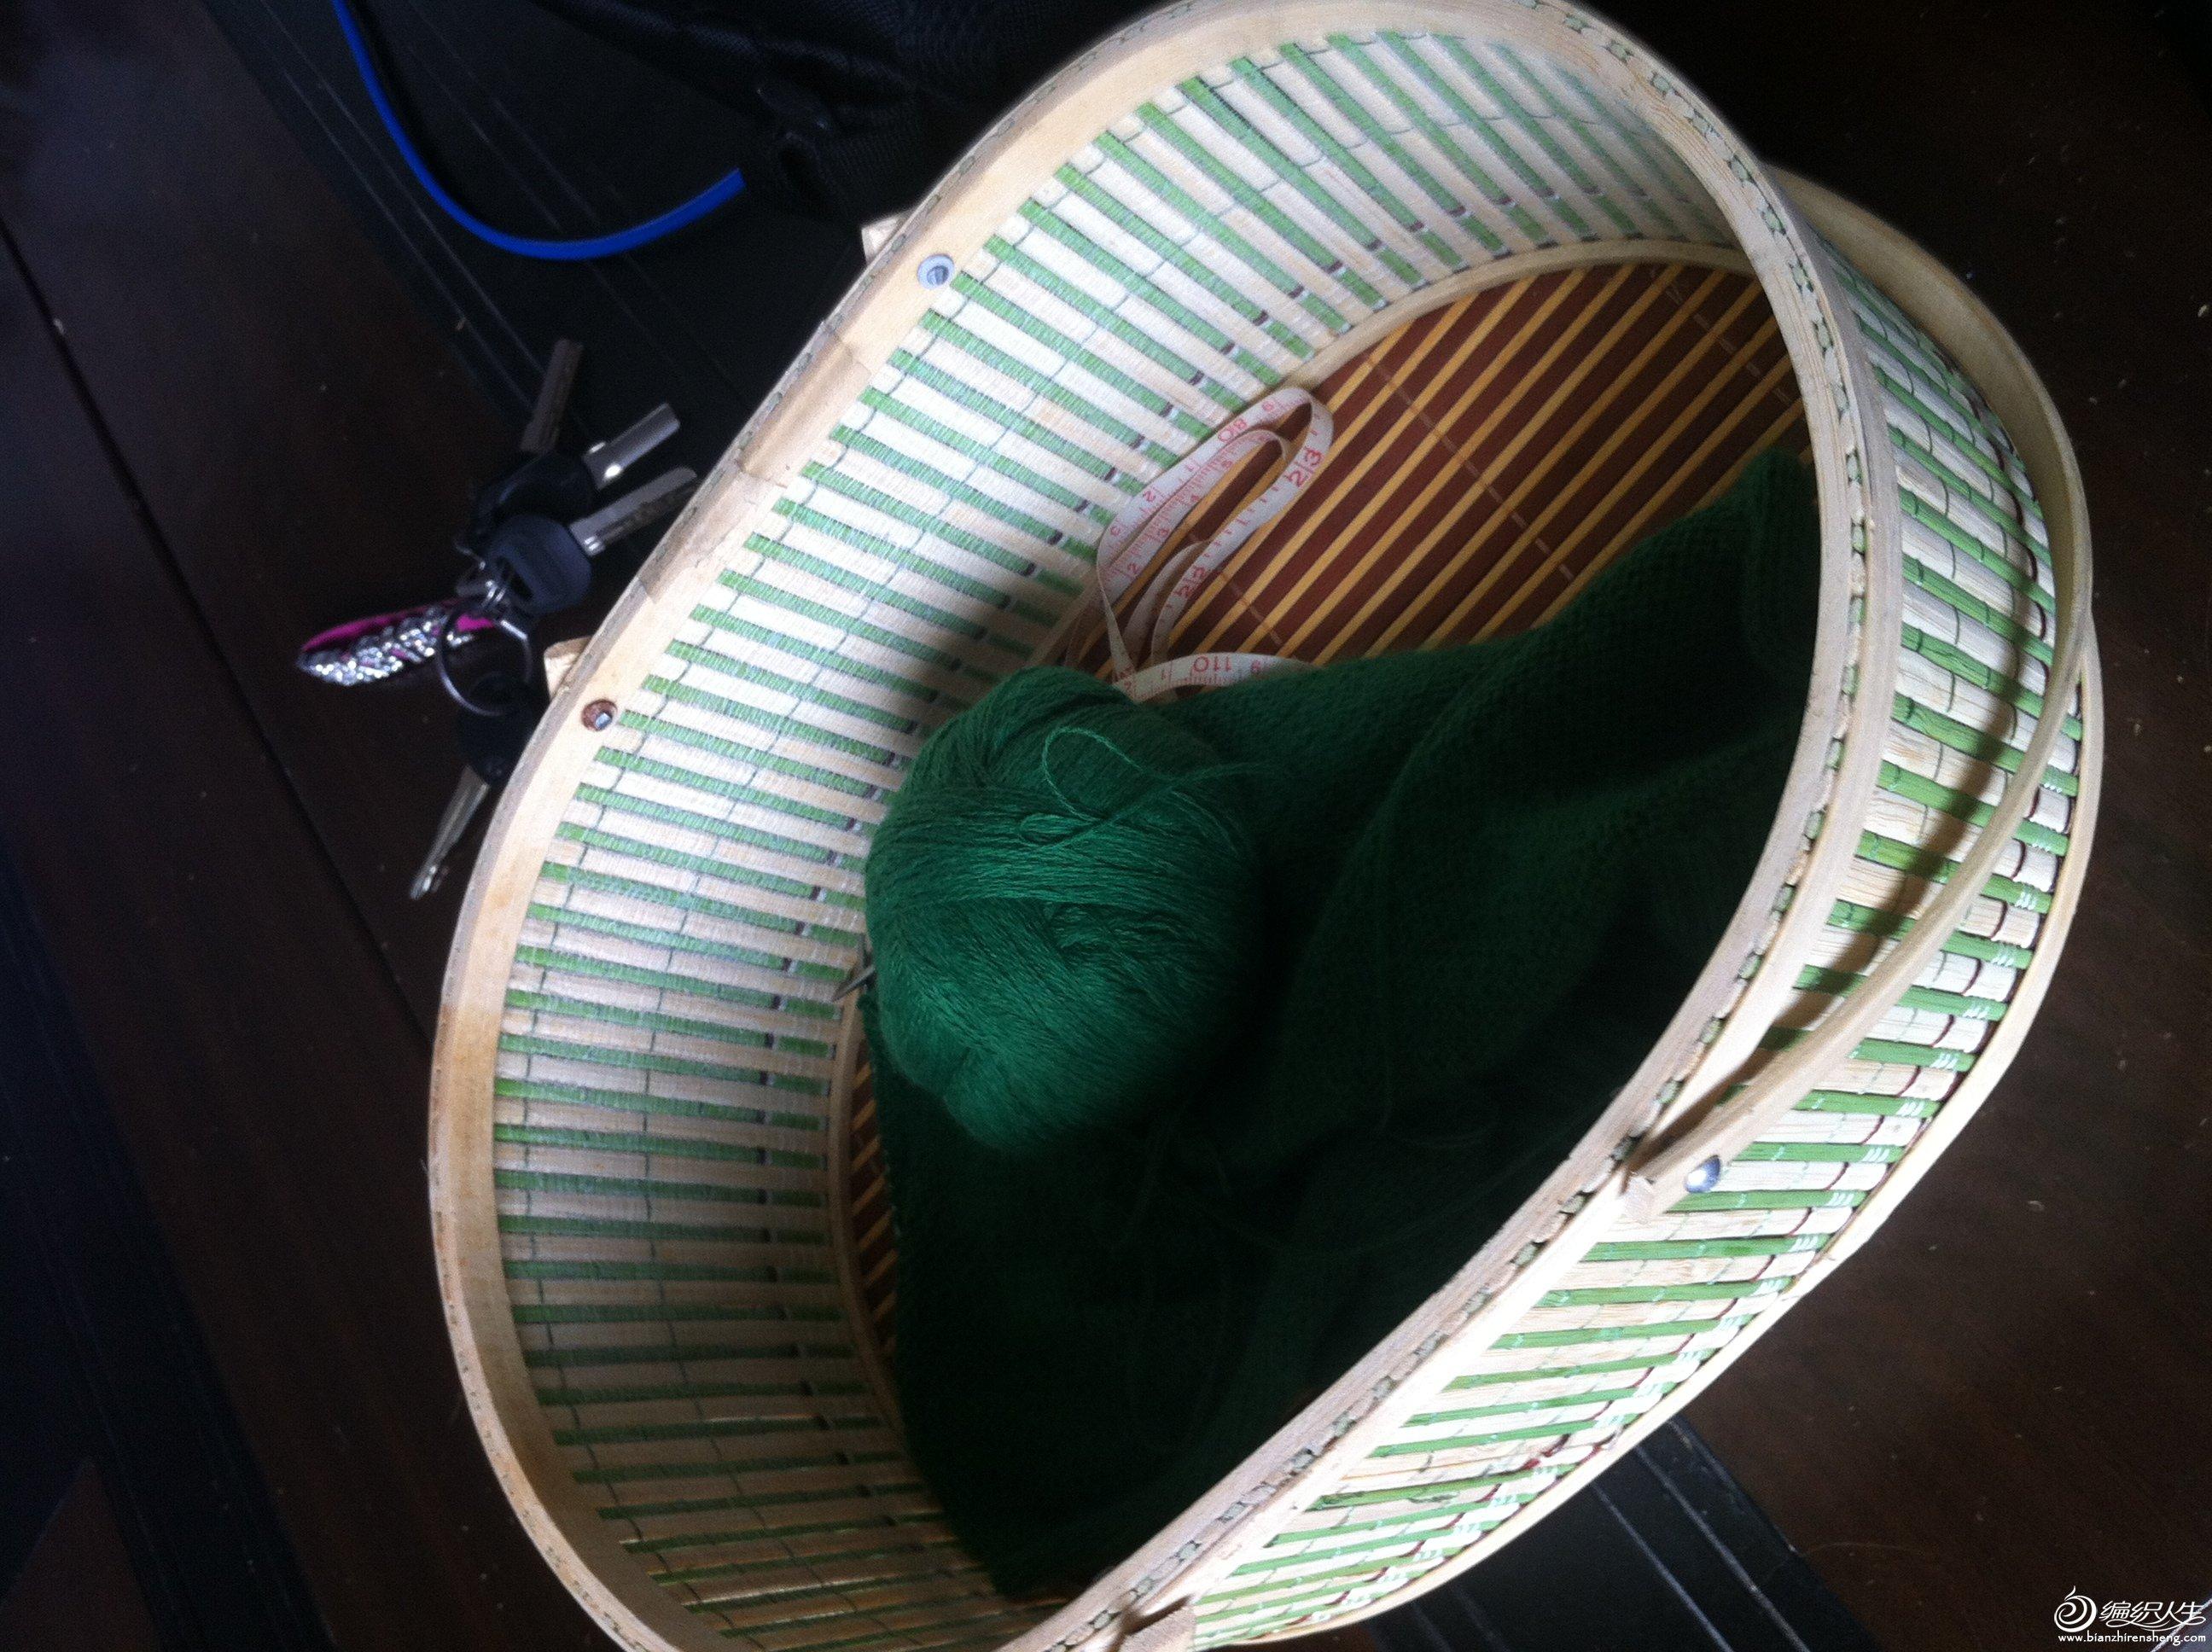 过程图,刚开始织,嘿嘿。我就打算没日没衣的织,要不然儿子穿不上了,哈哈。